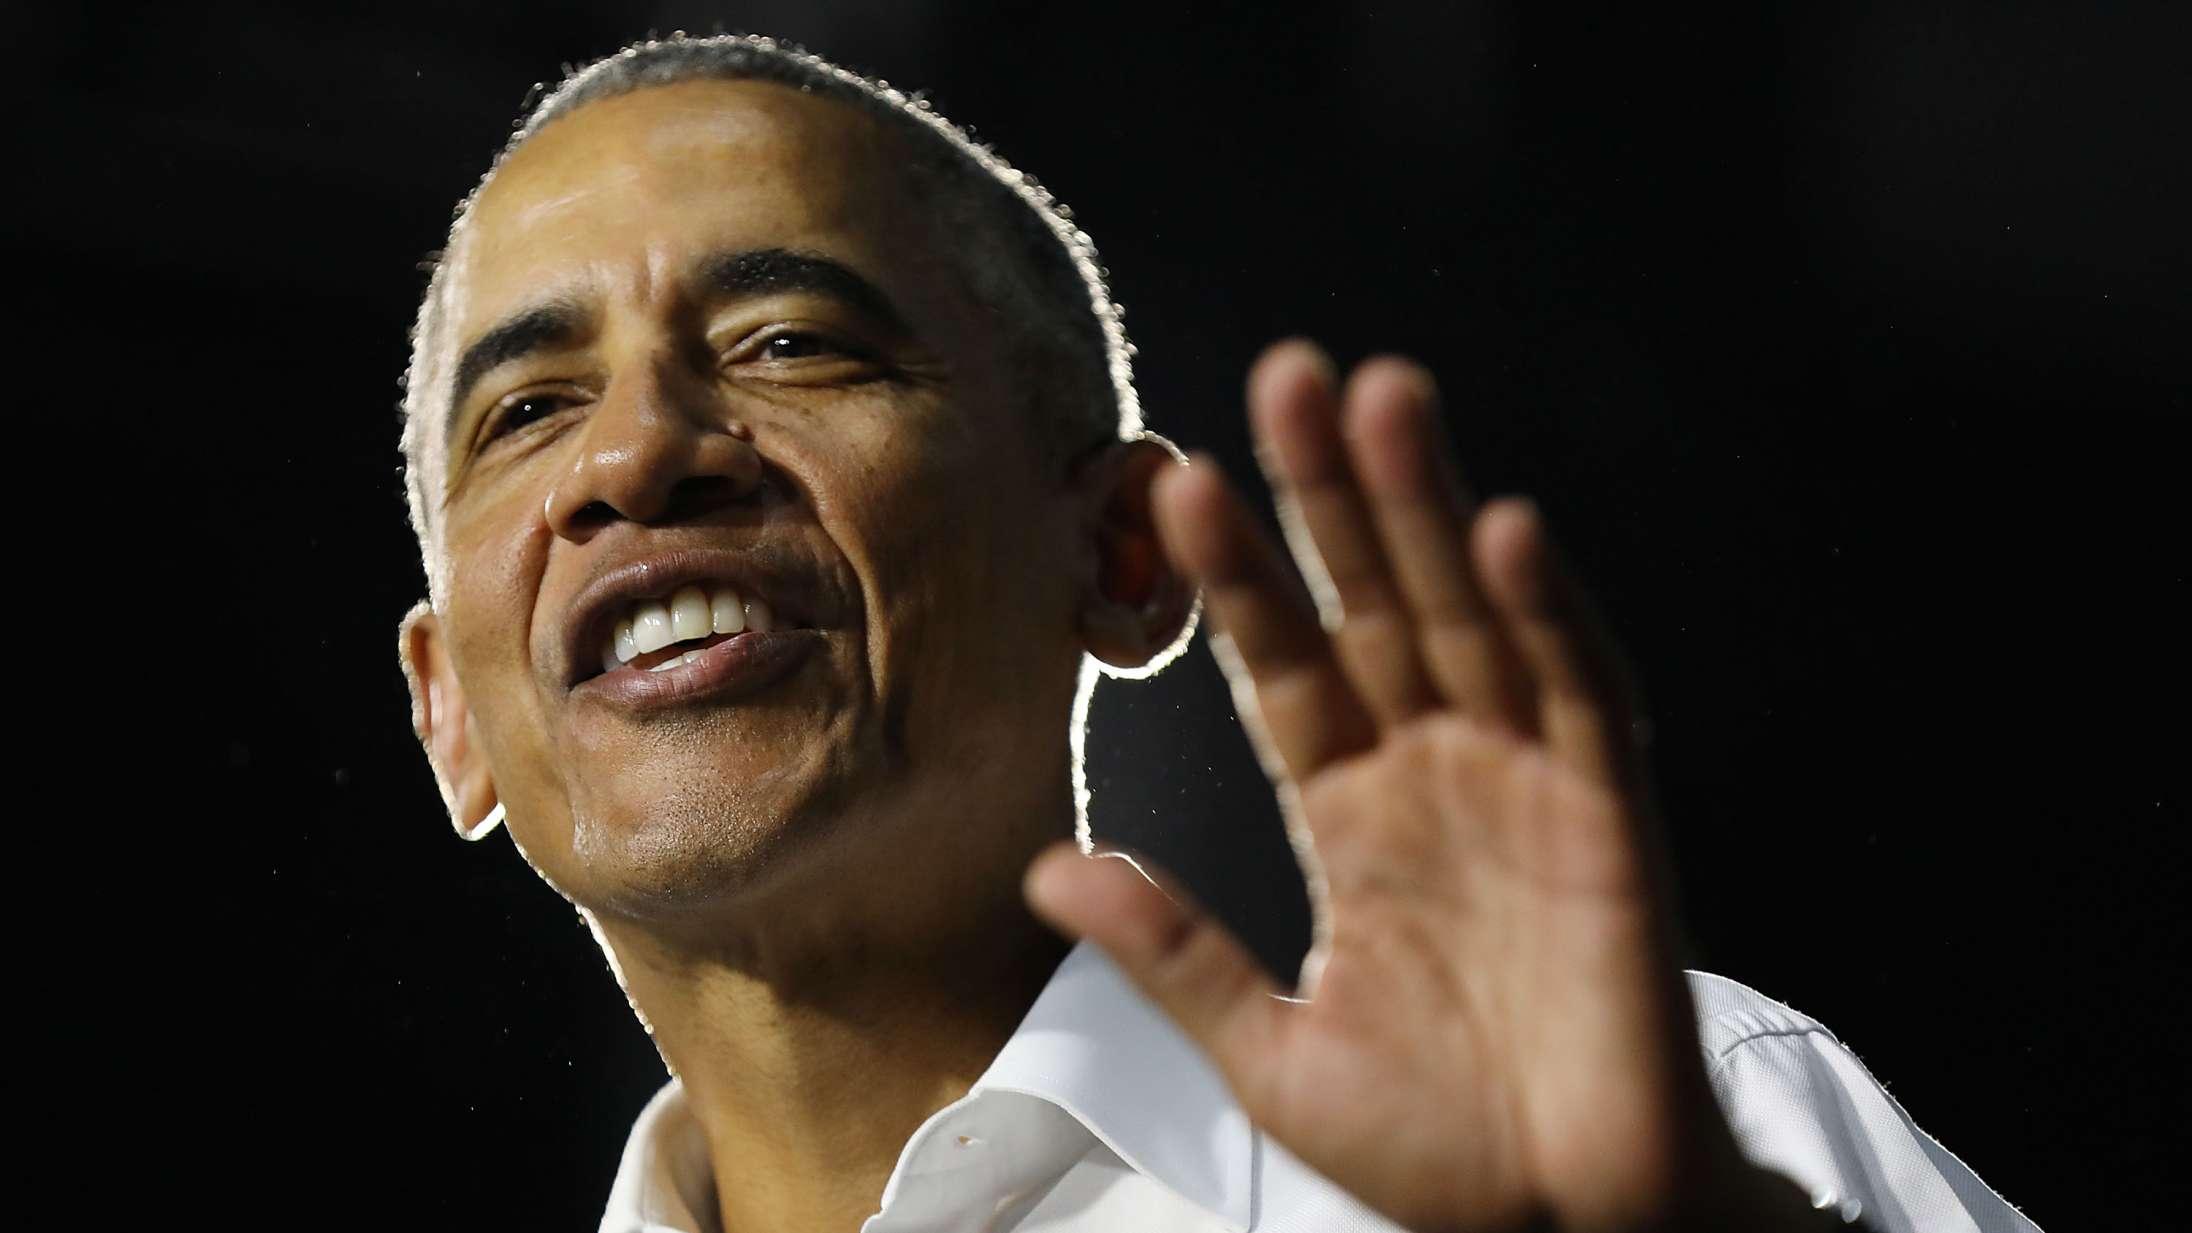 Barack Obama deler sine sommerhits fra 2020 – med Billie Eilish, Megan Thee Stallion, Frank Ocean og flere